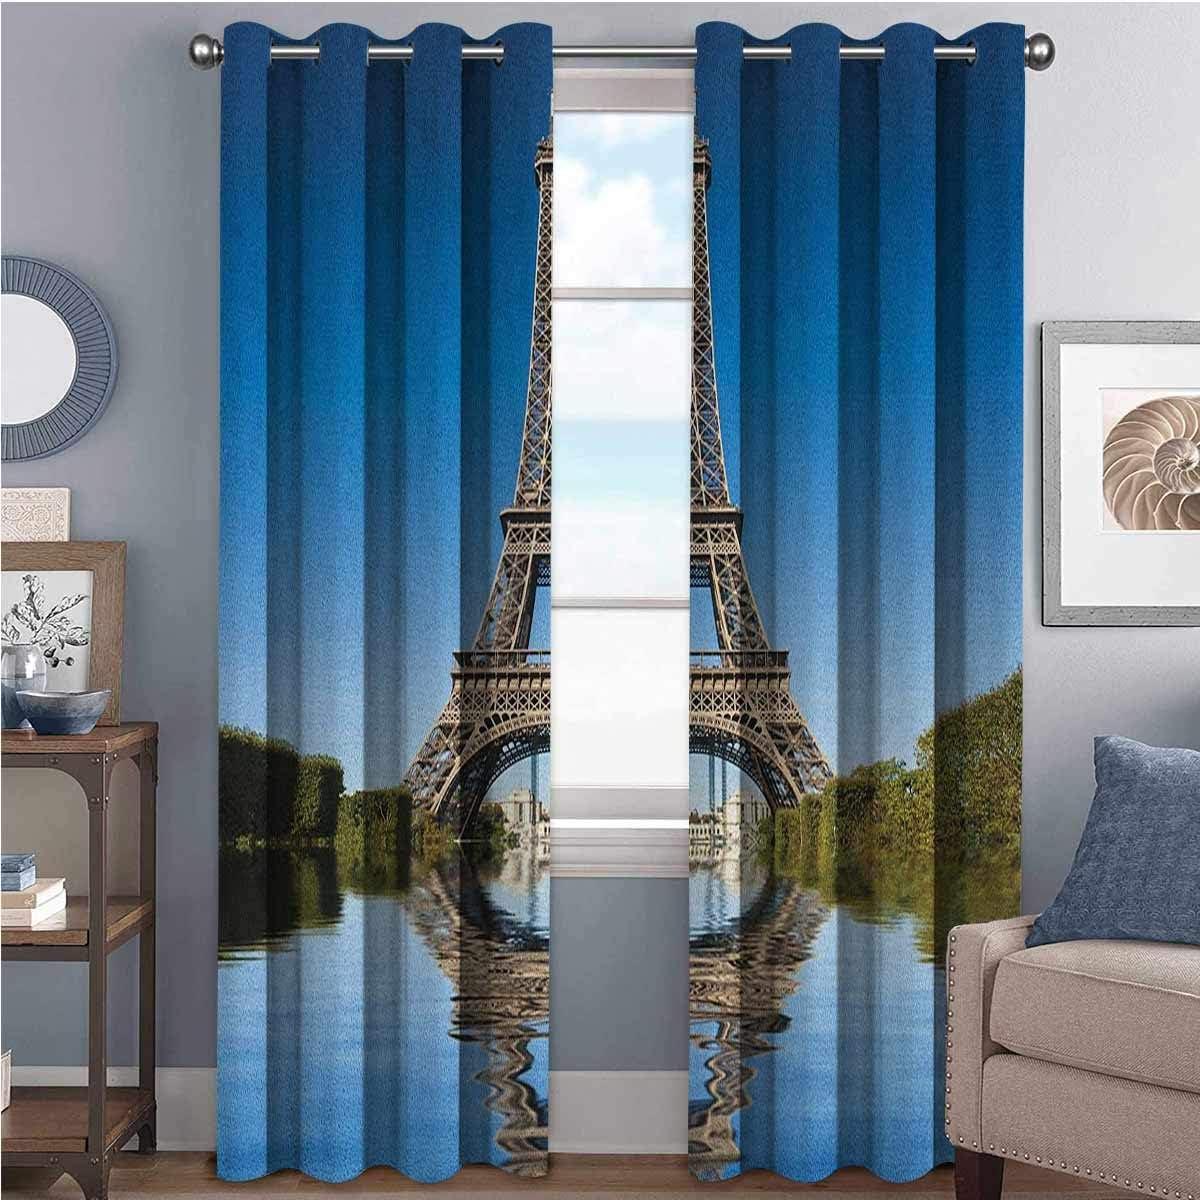 Toopeek Paris - Cortina de color resistente al desgaste, famosa torre Eiffel reflejada en el agua, diseño histórico de arquitectura francesa, 2 paneles de 52 x 84 pulgadas, color azul, verde y gris